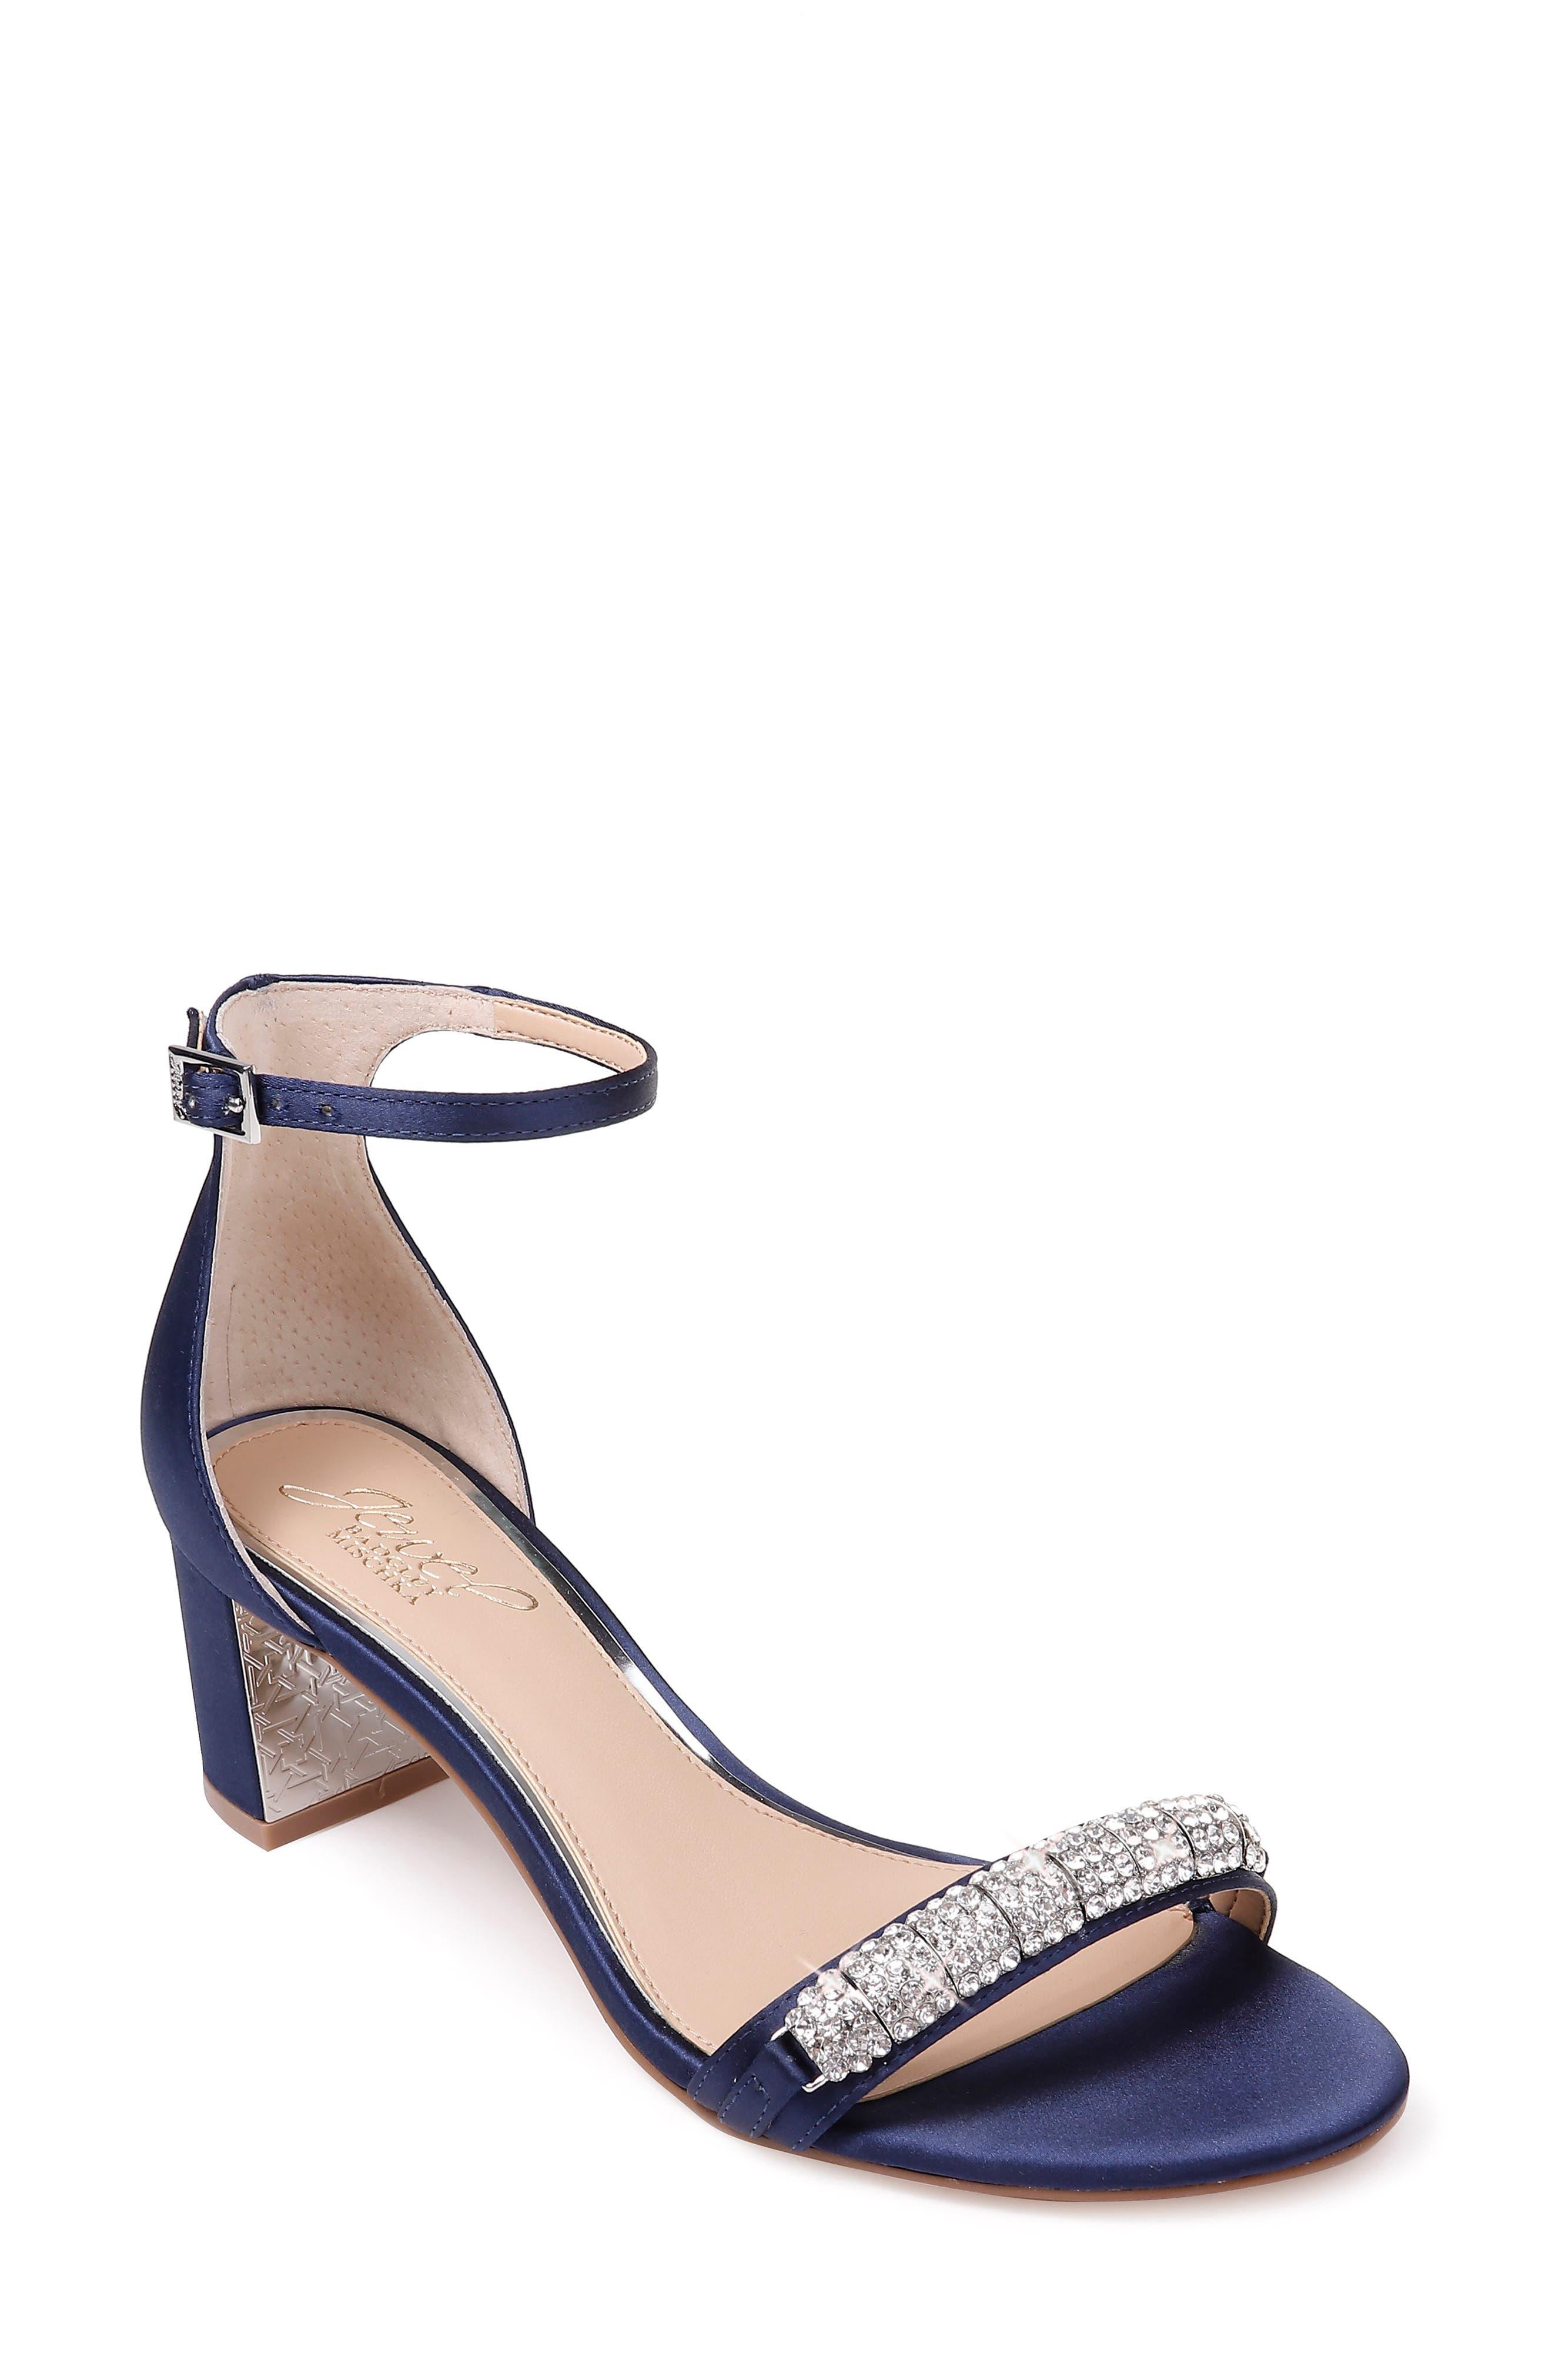 Ramsay Ankle Strap Sandal